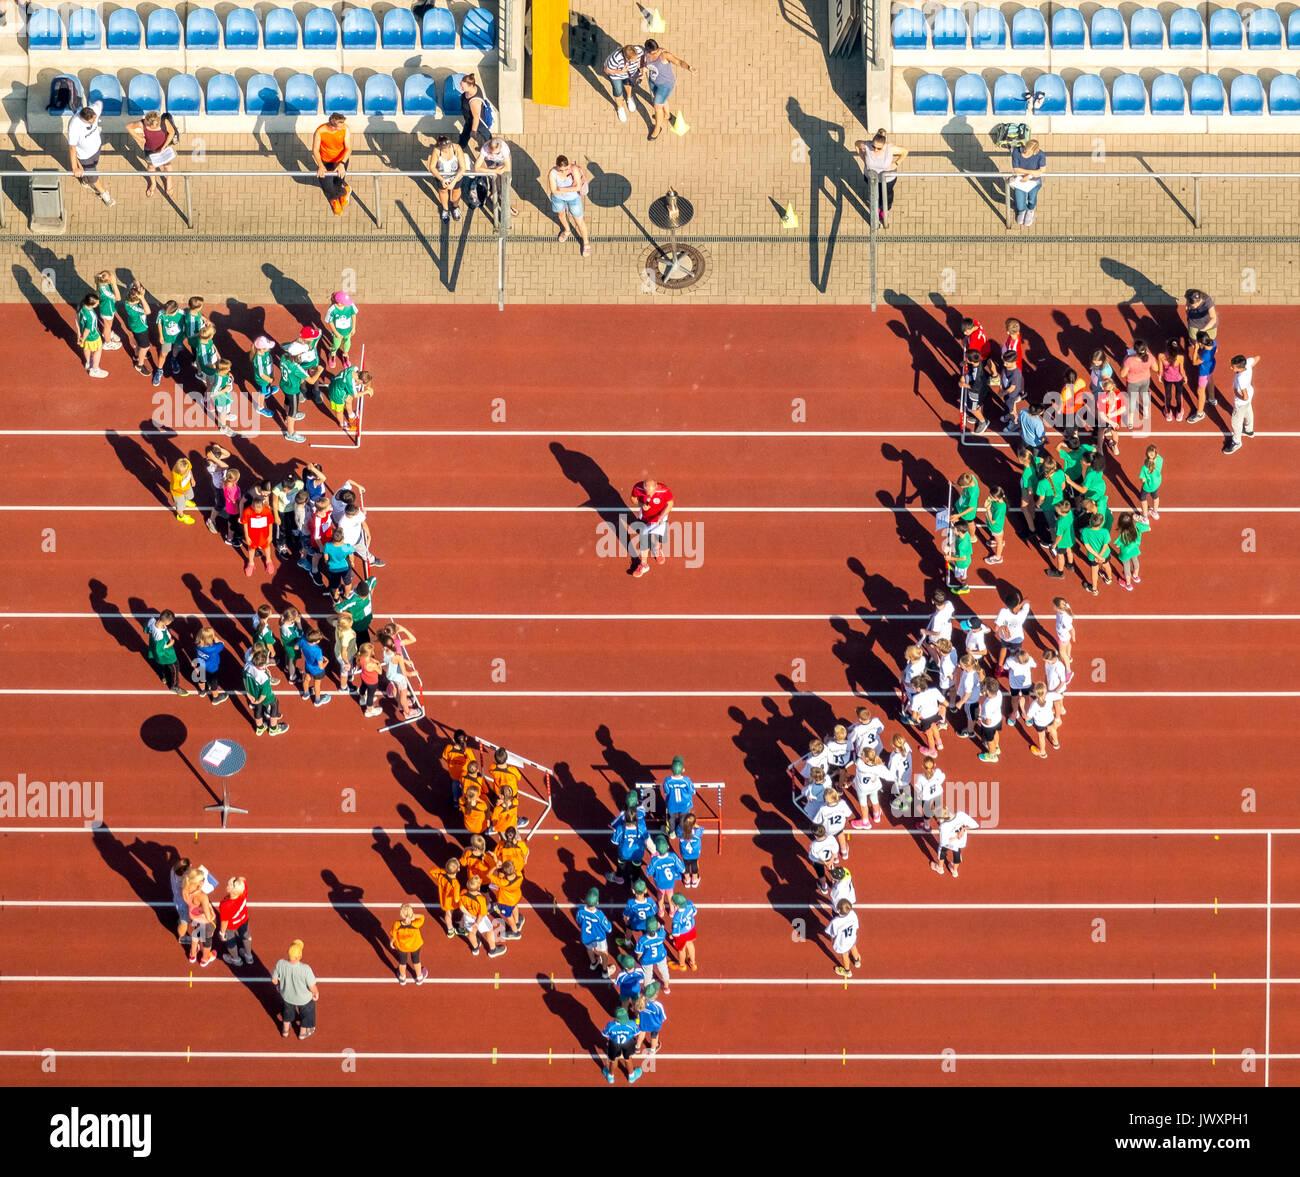 Los organizadores de concursos y anuncio sobre la pista de atletismo de color rojo en el Jahnstadion Bottrop, Federal Juventud Spportler, juegos, competiciones deportivas, la escuela Imagen De Stock